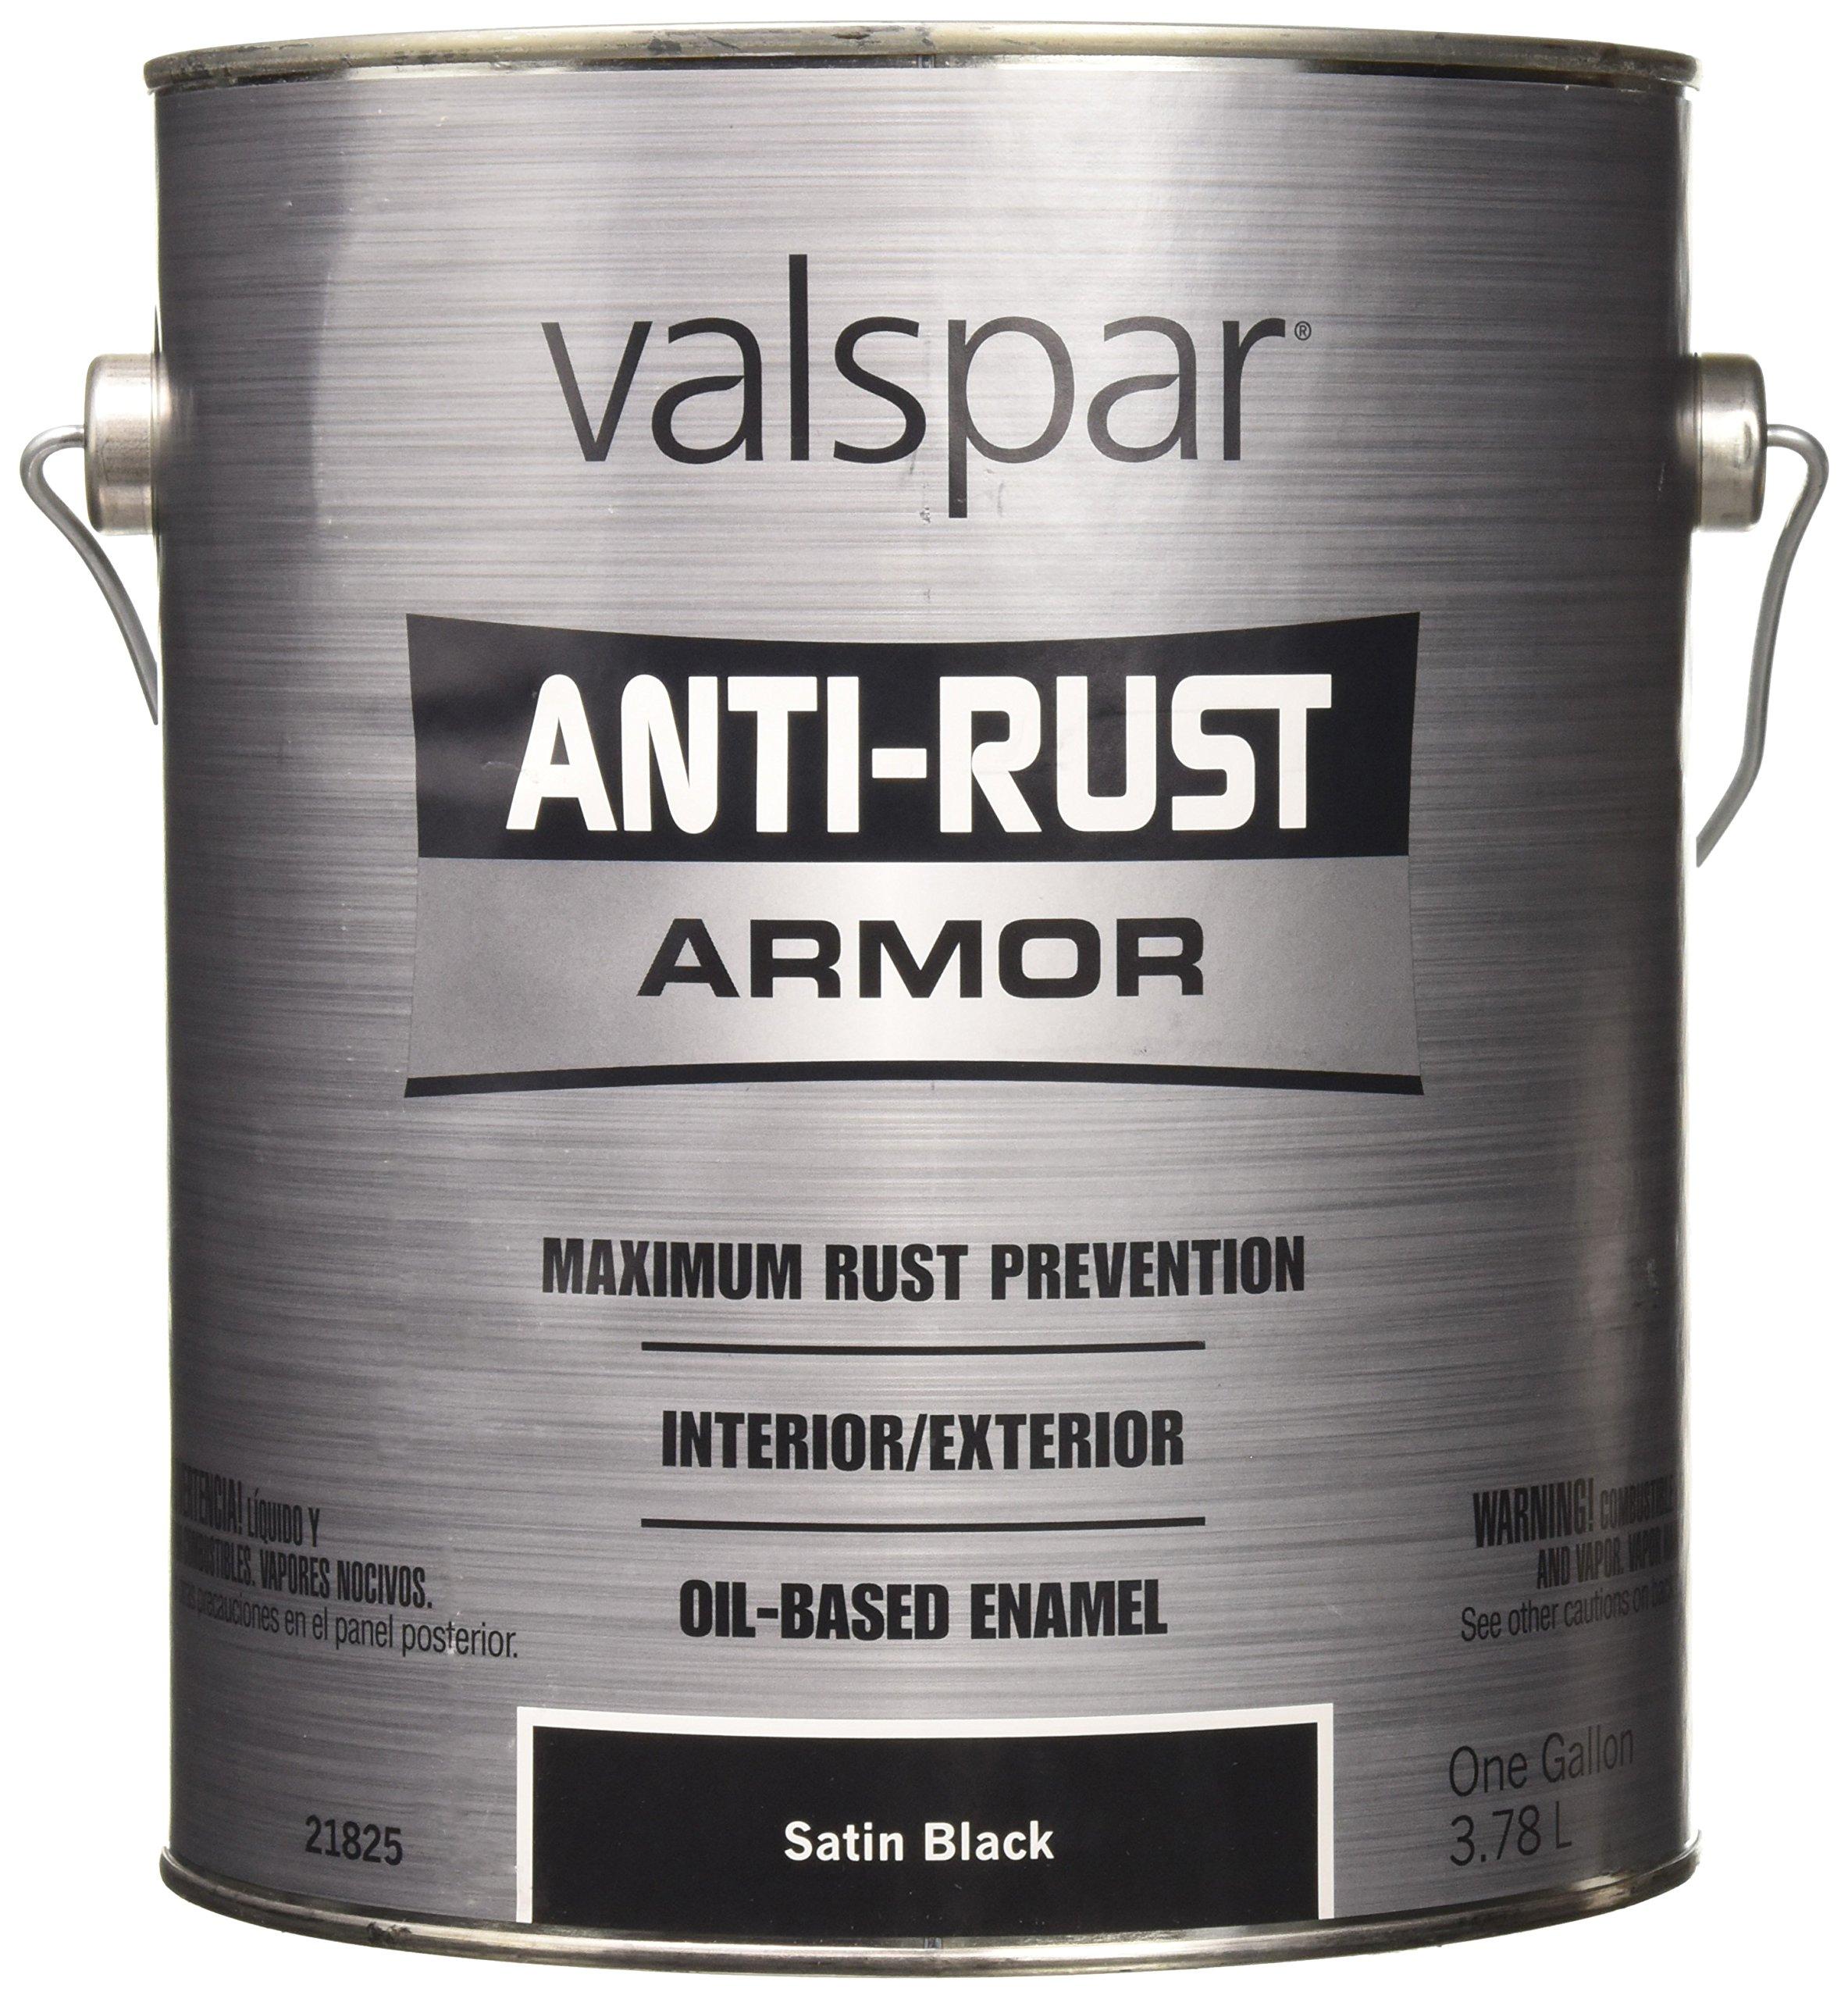 Valspar 21825G Satin Black Enamel - 1 Gallon by Valspar